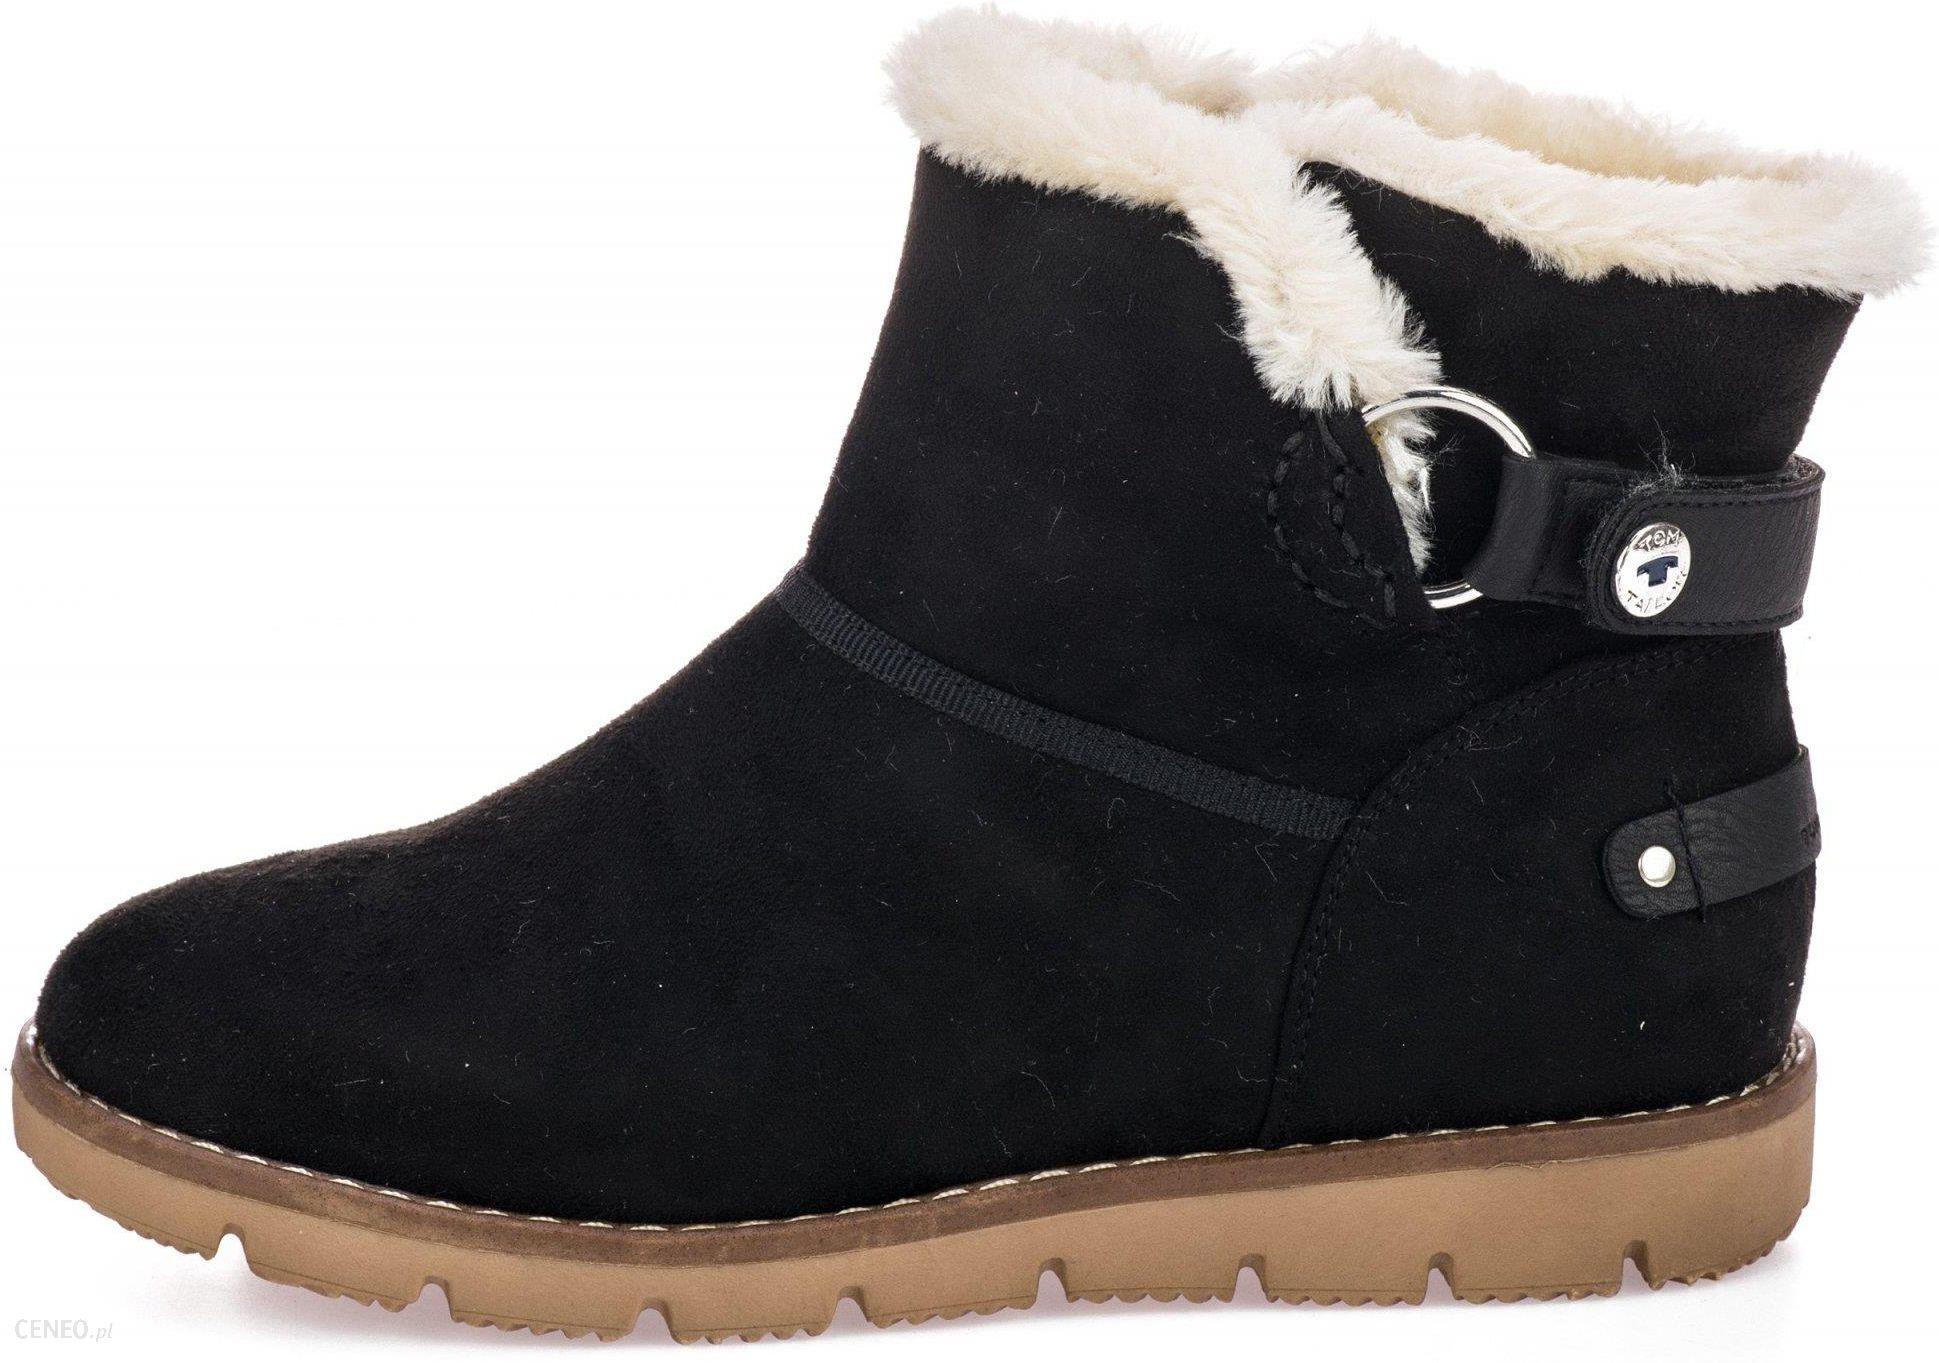 de901178a760 Tom Tailor buty zimowe damskie 37 czarny - Ceny i opinie - Ceneo.pl